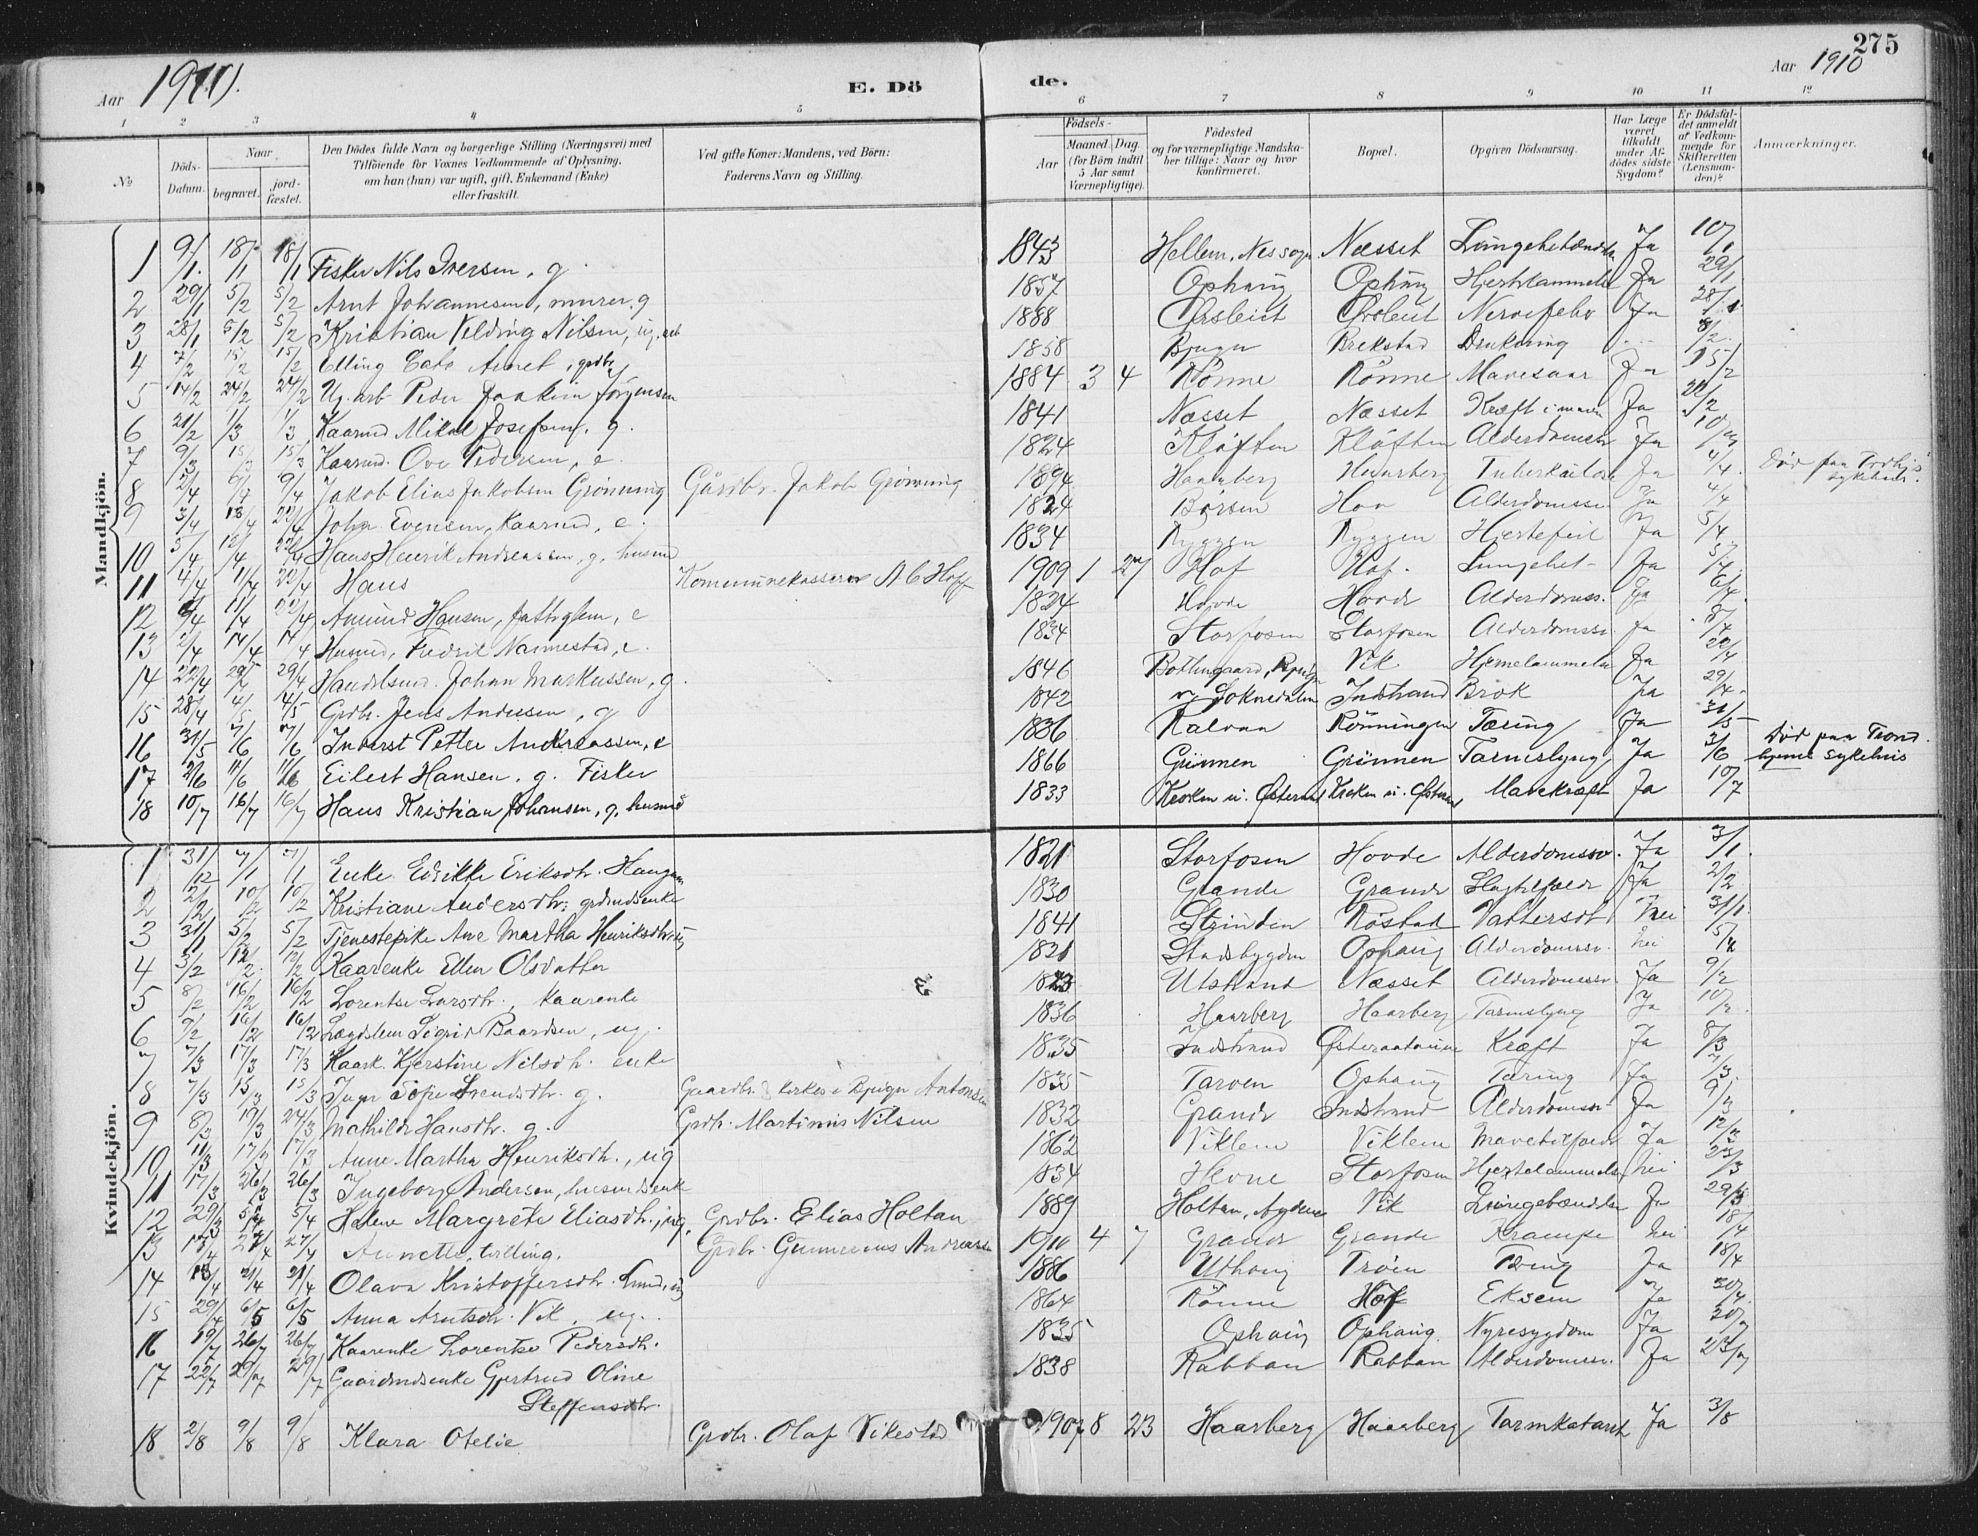 SAT, Ministerialprotokoller, klokkerbøker og fødselsregistre - Sør-Trøndelag, 659/L0743: Ministerialbok nr. 659A13, 1893-1910, s. 275